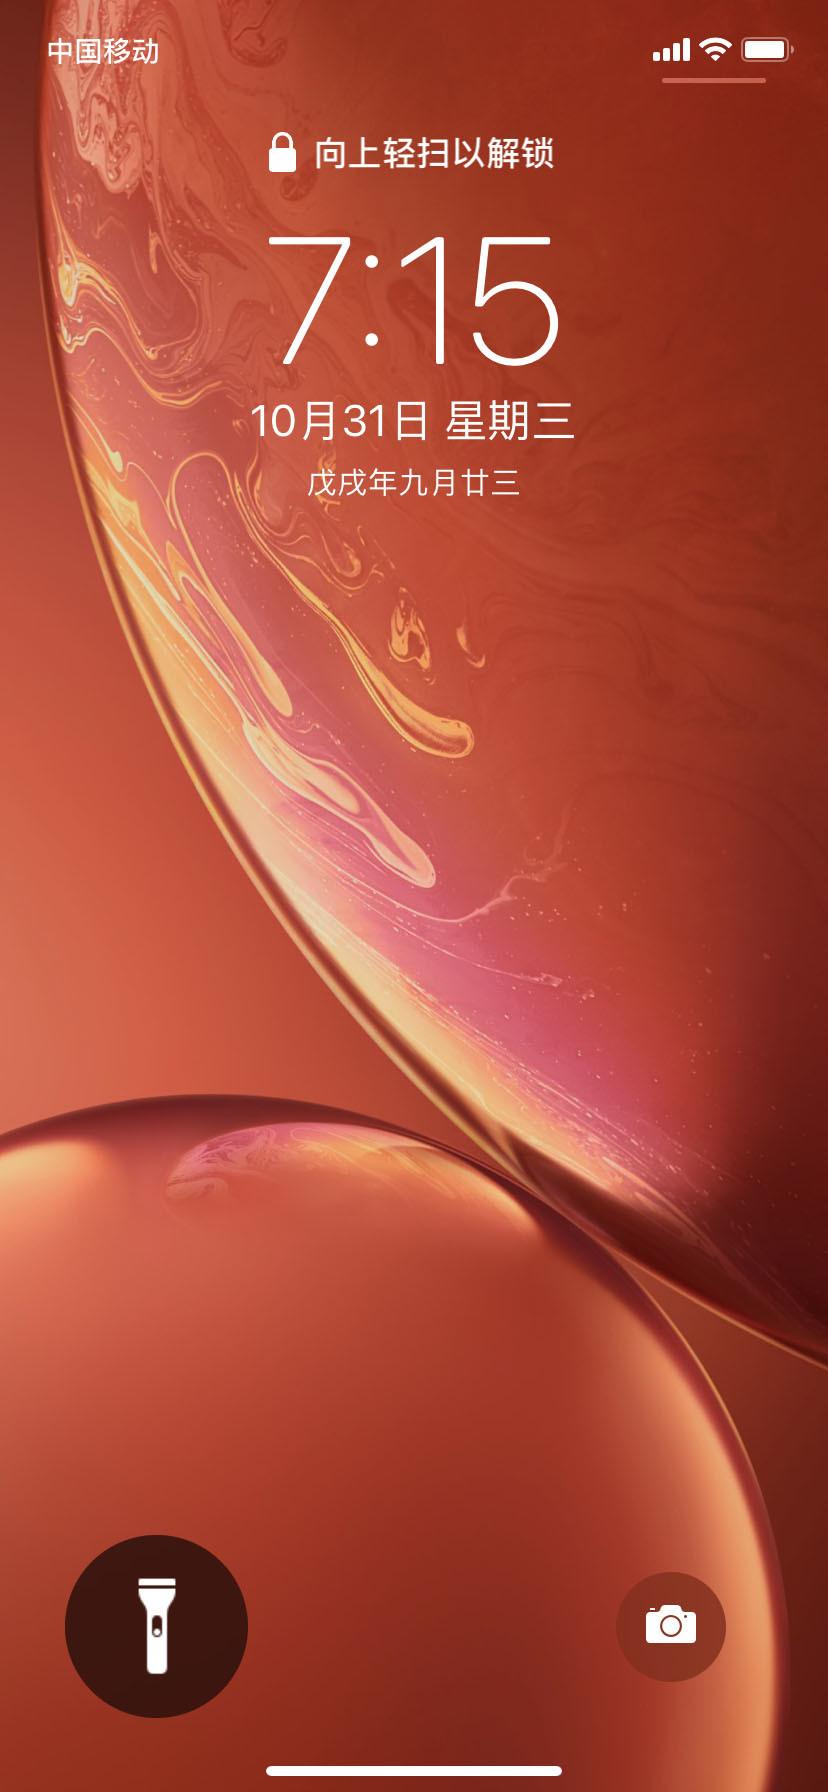 苹果iPhoneXR(128GB)手机功能界面第1张